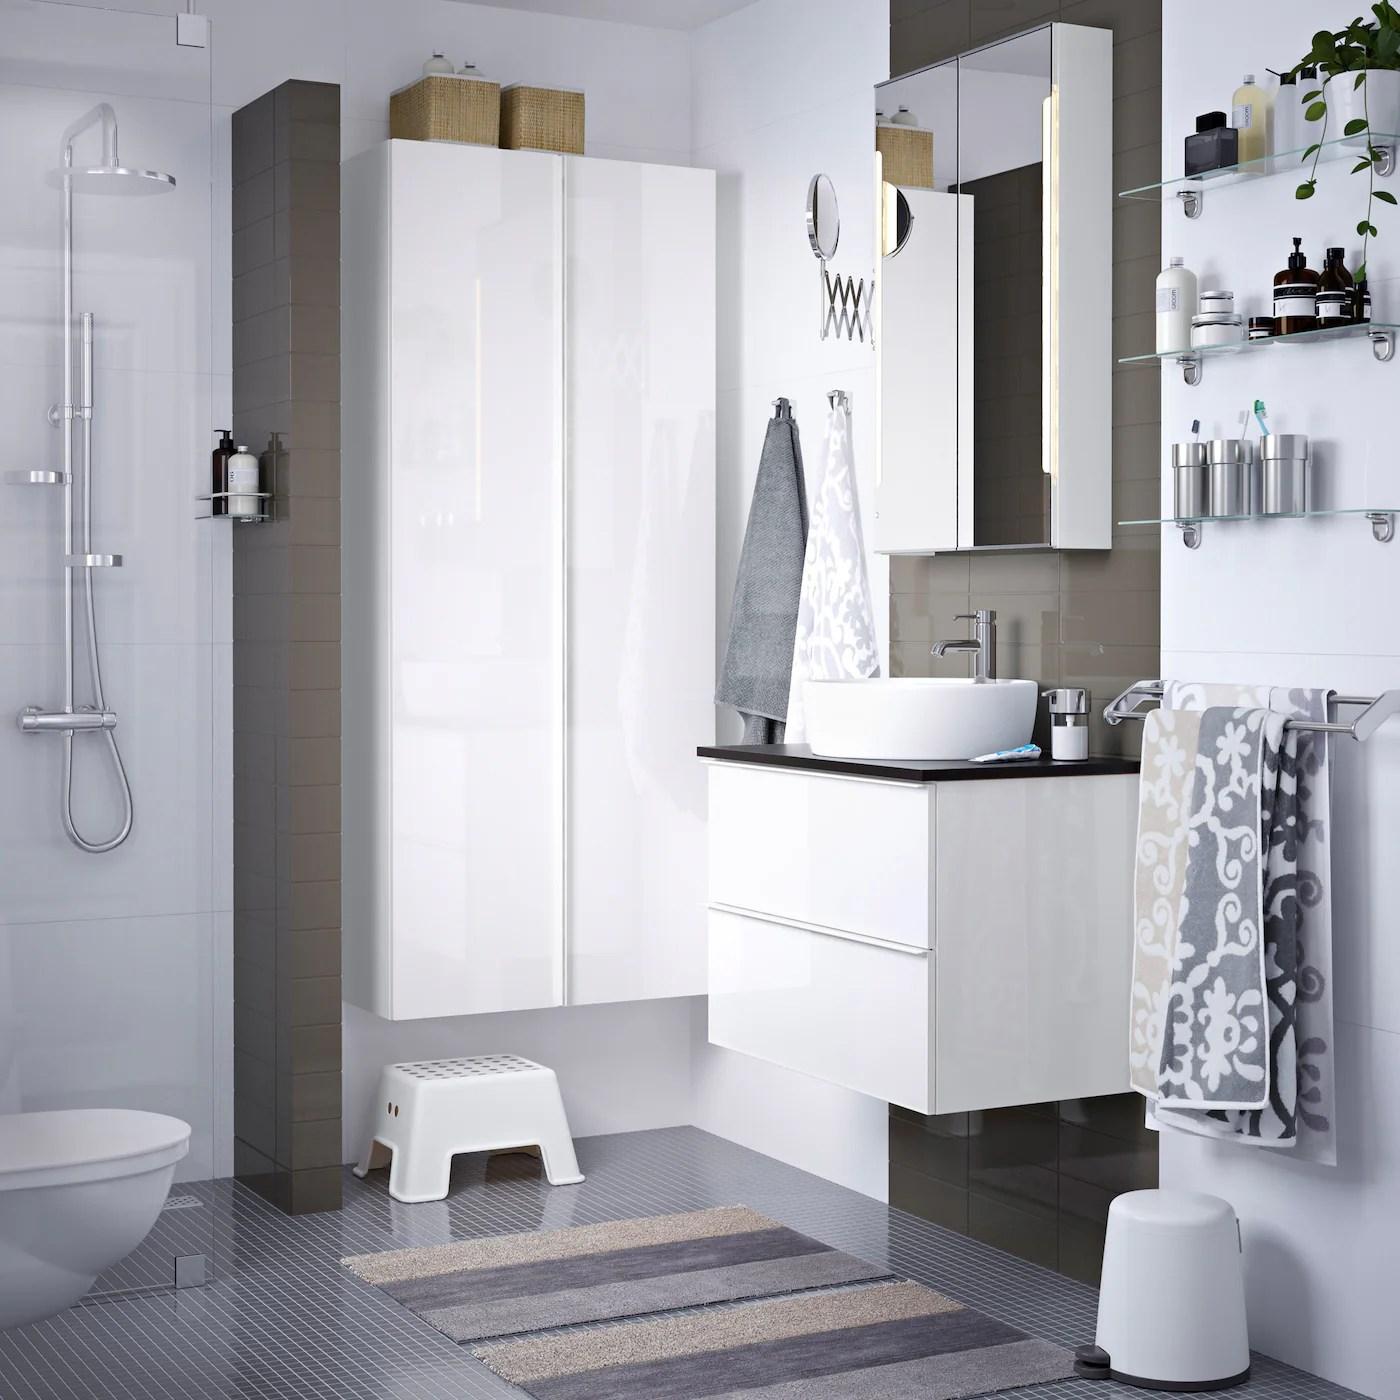 Badezimmer Hängeschrank Weiß Ikea Kallax Regal Weiss Ikea Weiße